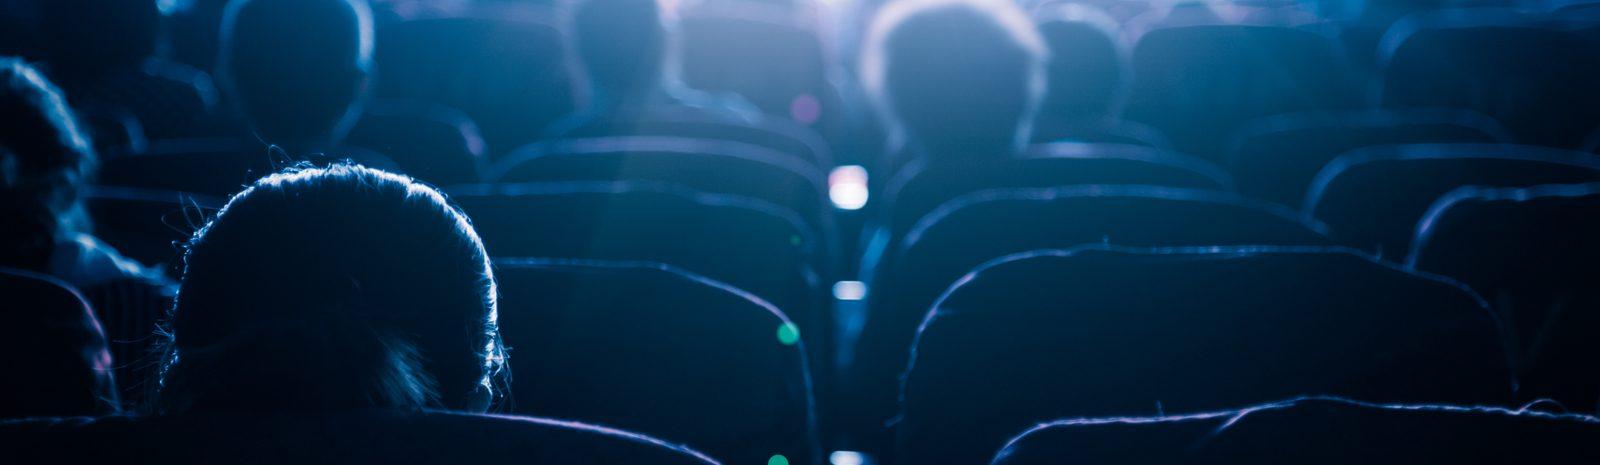 Cuatro Películas que pueden ayudarte a entender  mejor las adicciones de los jóvenes